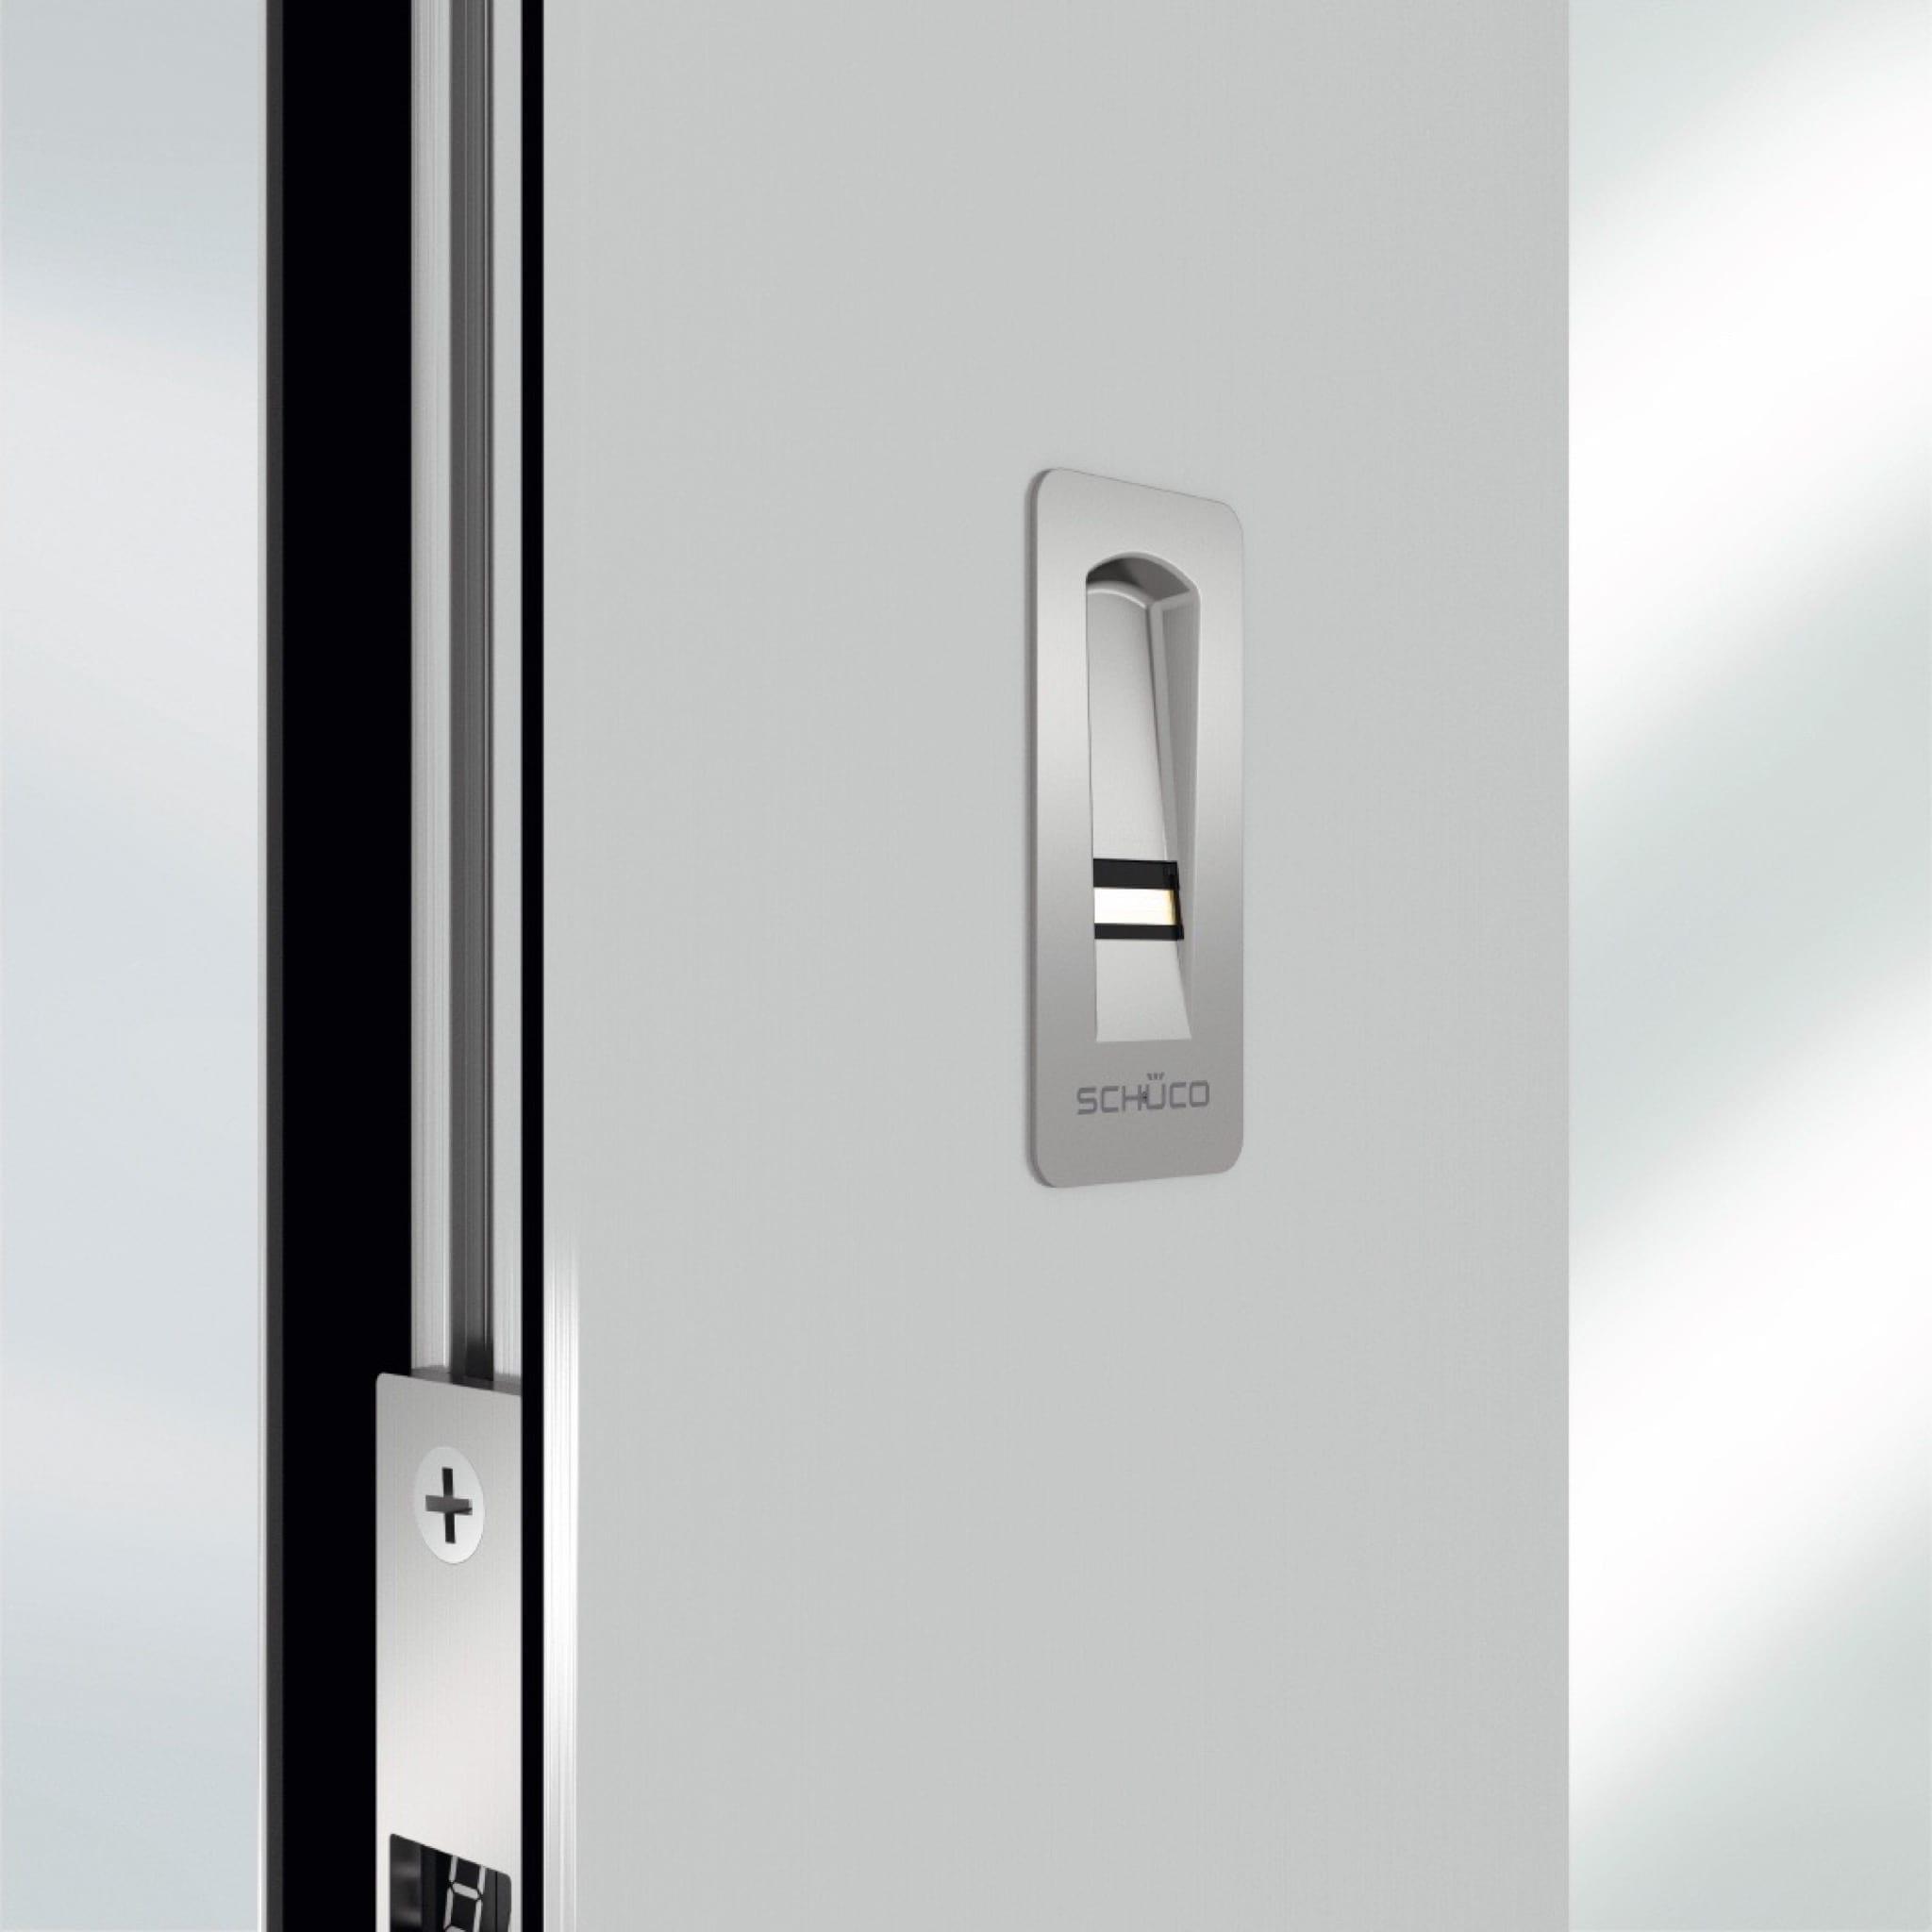 ADS SimplySmart Fingerprint d copy - Soluțiile Smart Home de la Schüco, pentru confort, siguranță și eficiență energetică